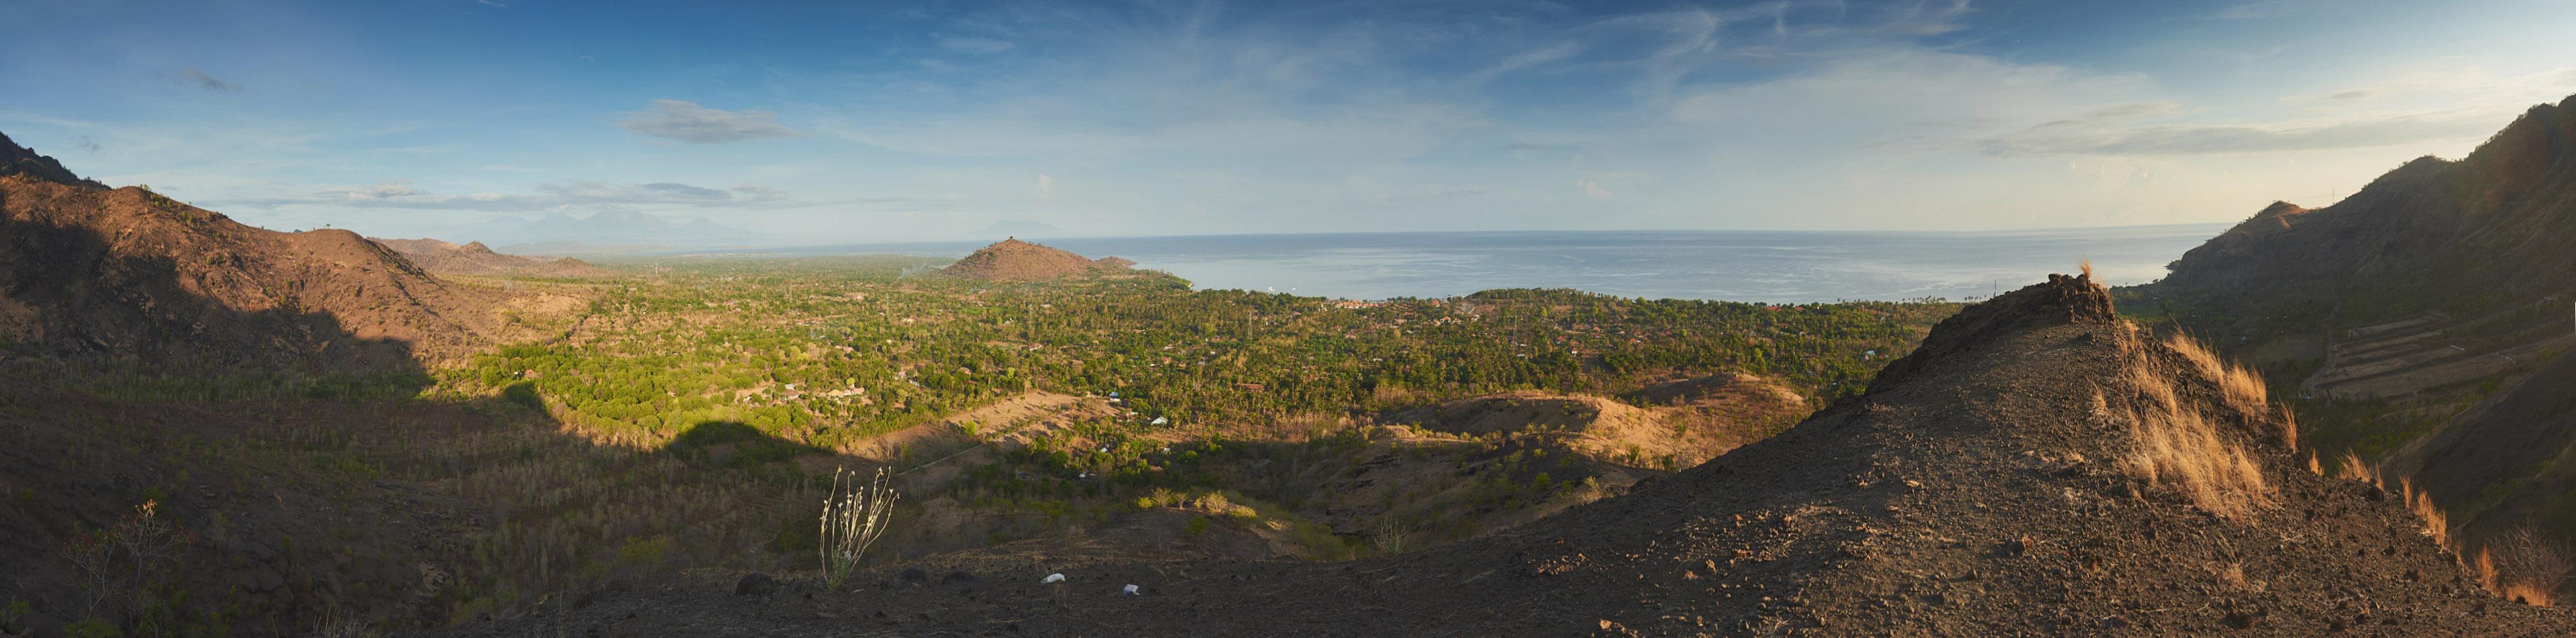 indonezja 0899 PANO Pemuteran, cicha wioska na wyspie Bali